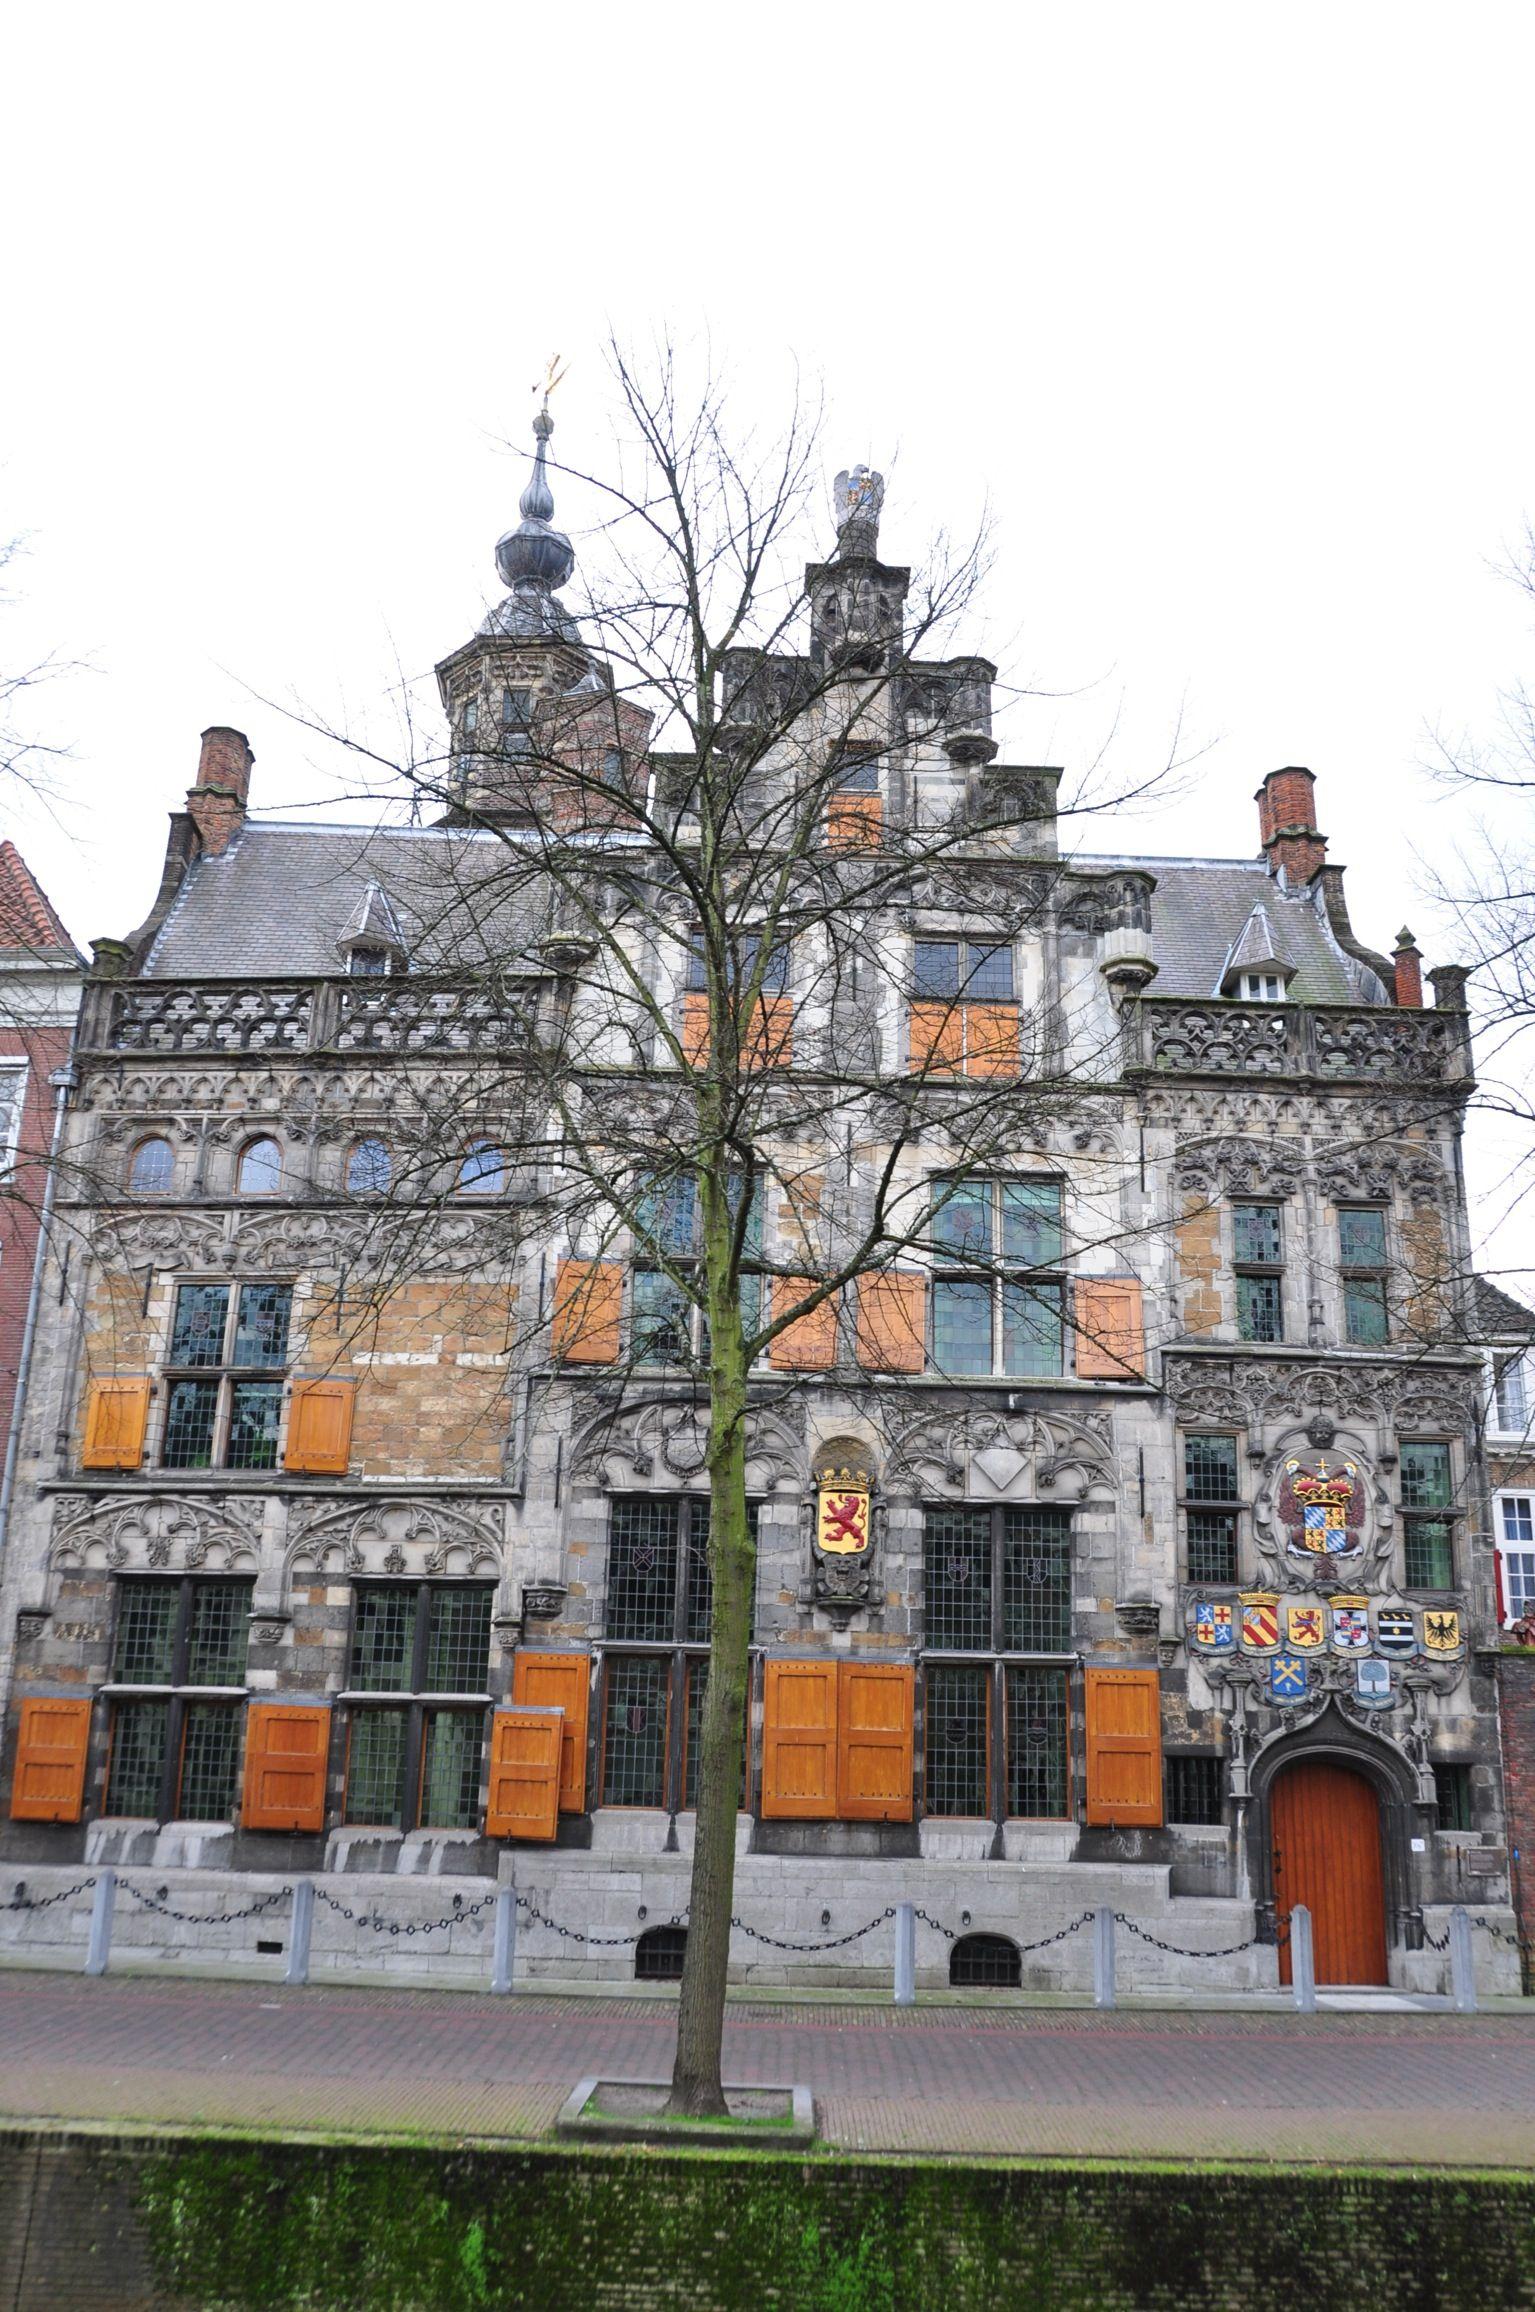 Hoogheemraadschap Delfland, Delft